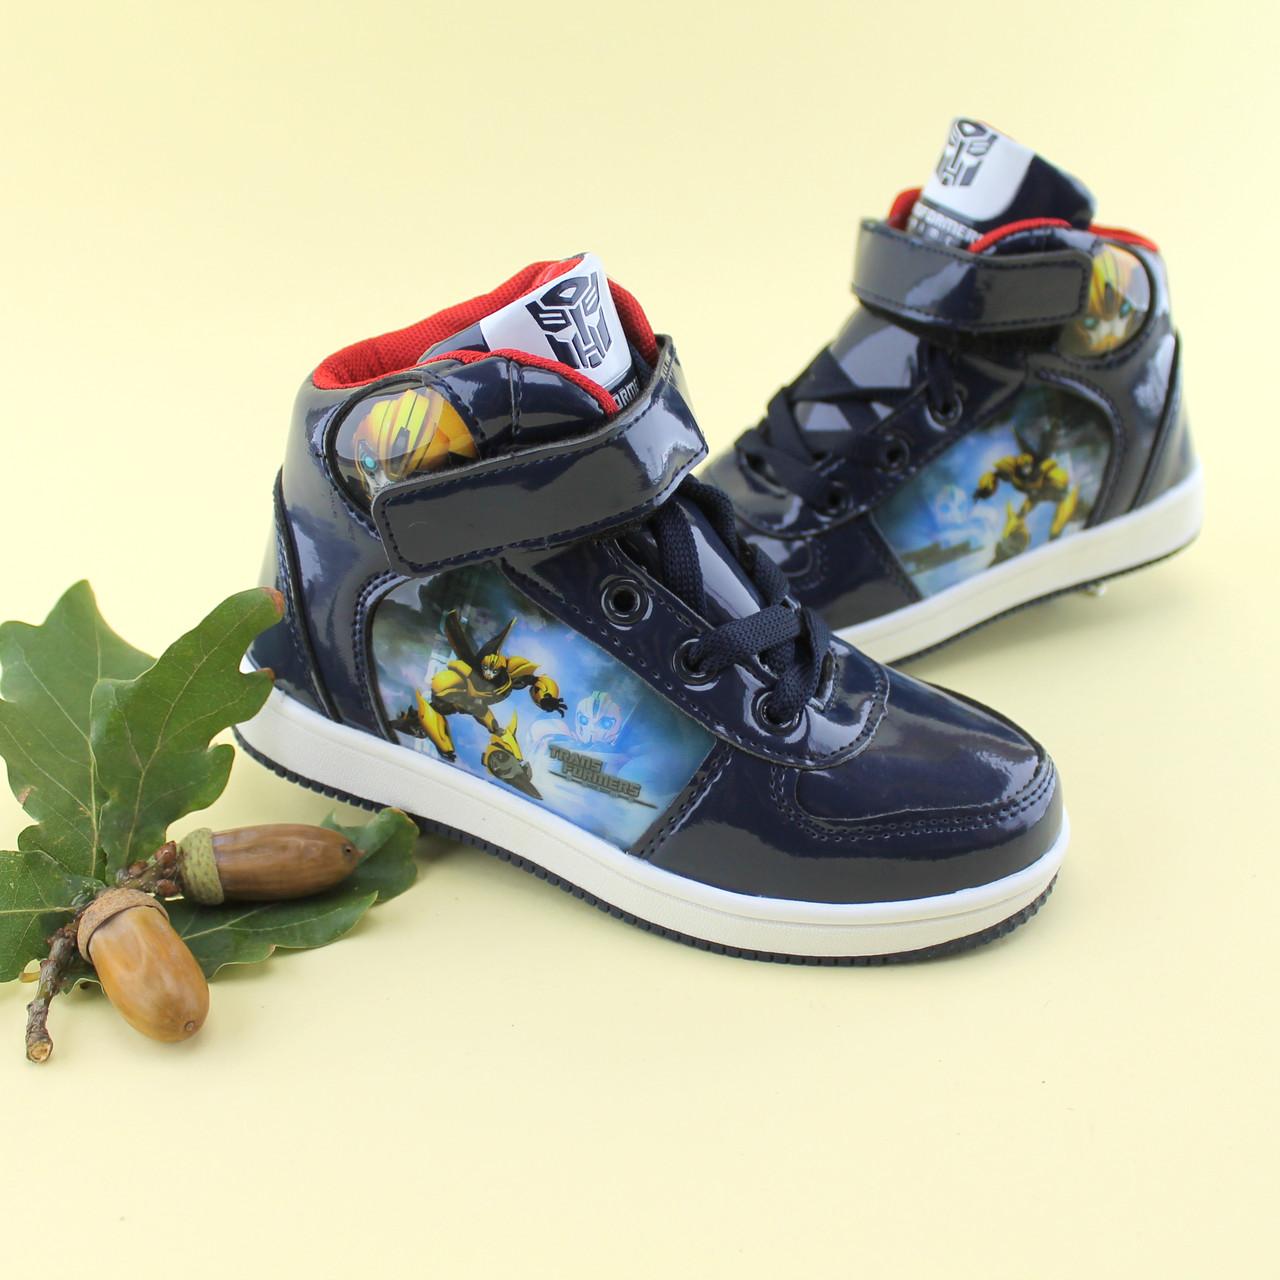 491035066 Детские ботинки демисезонные с трансформером для мальчика ТомМ р. 25,29,30